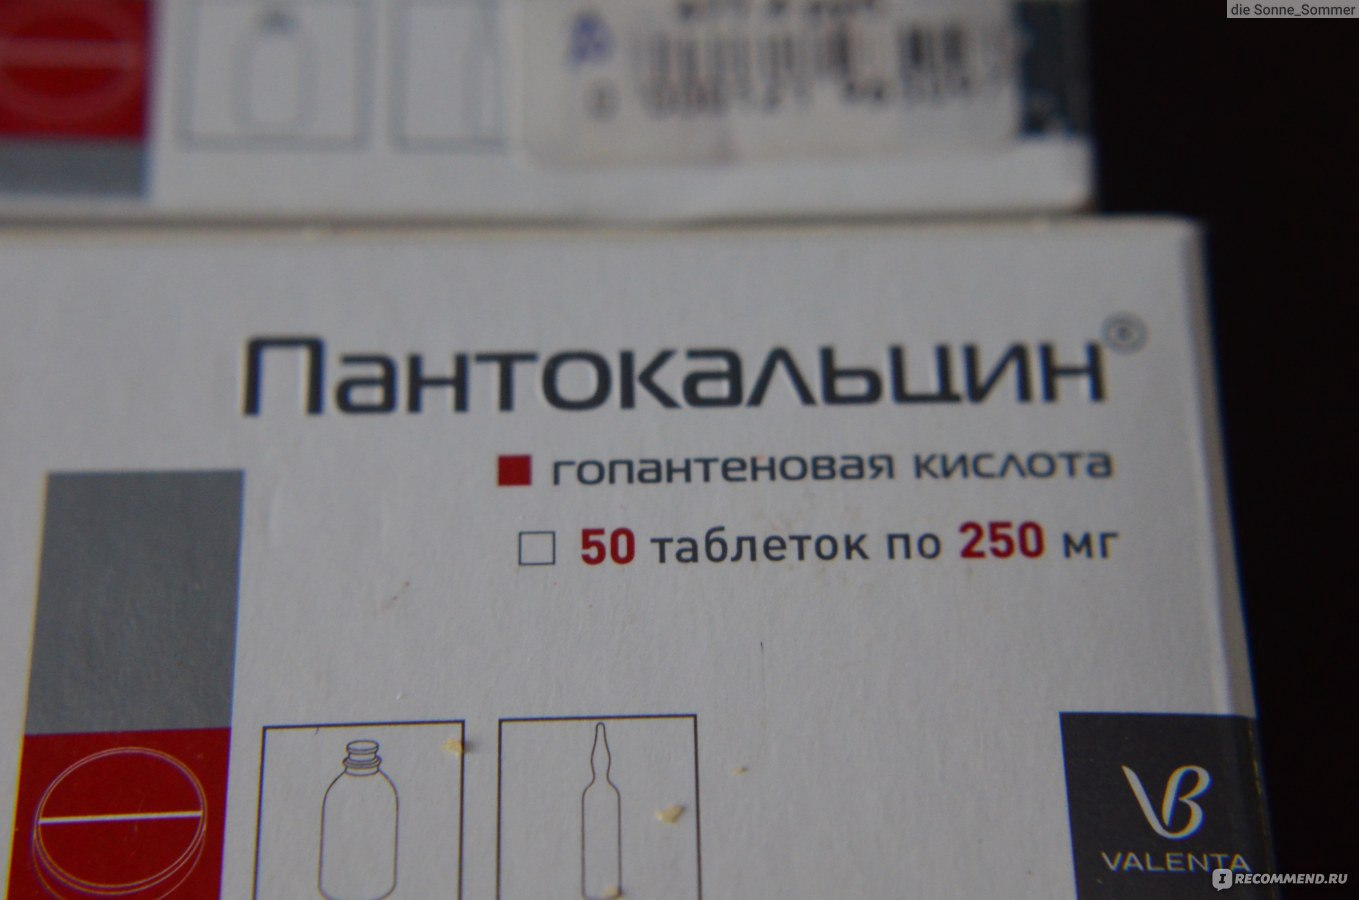 пантокальцин инструкция по применению цена аналоги таблетки